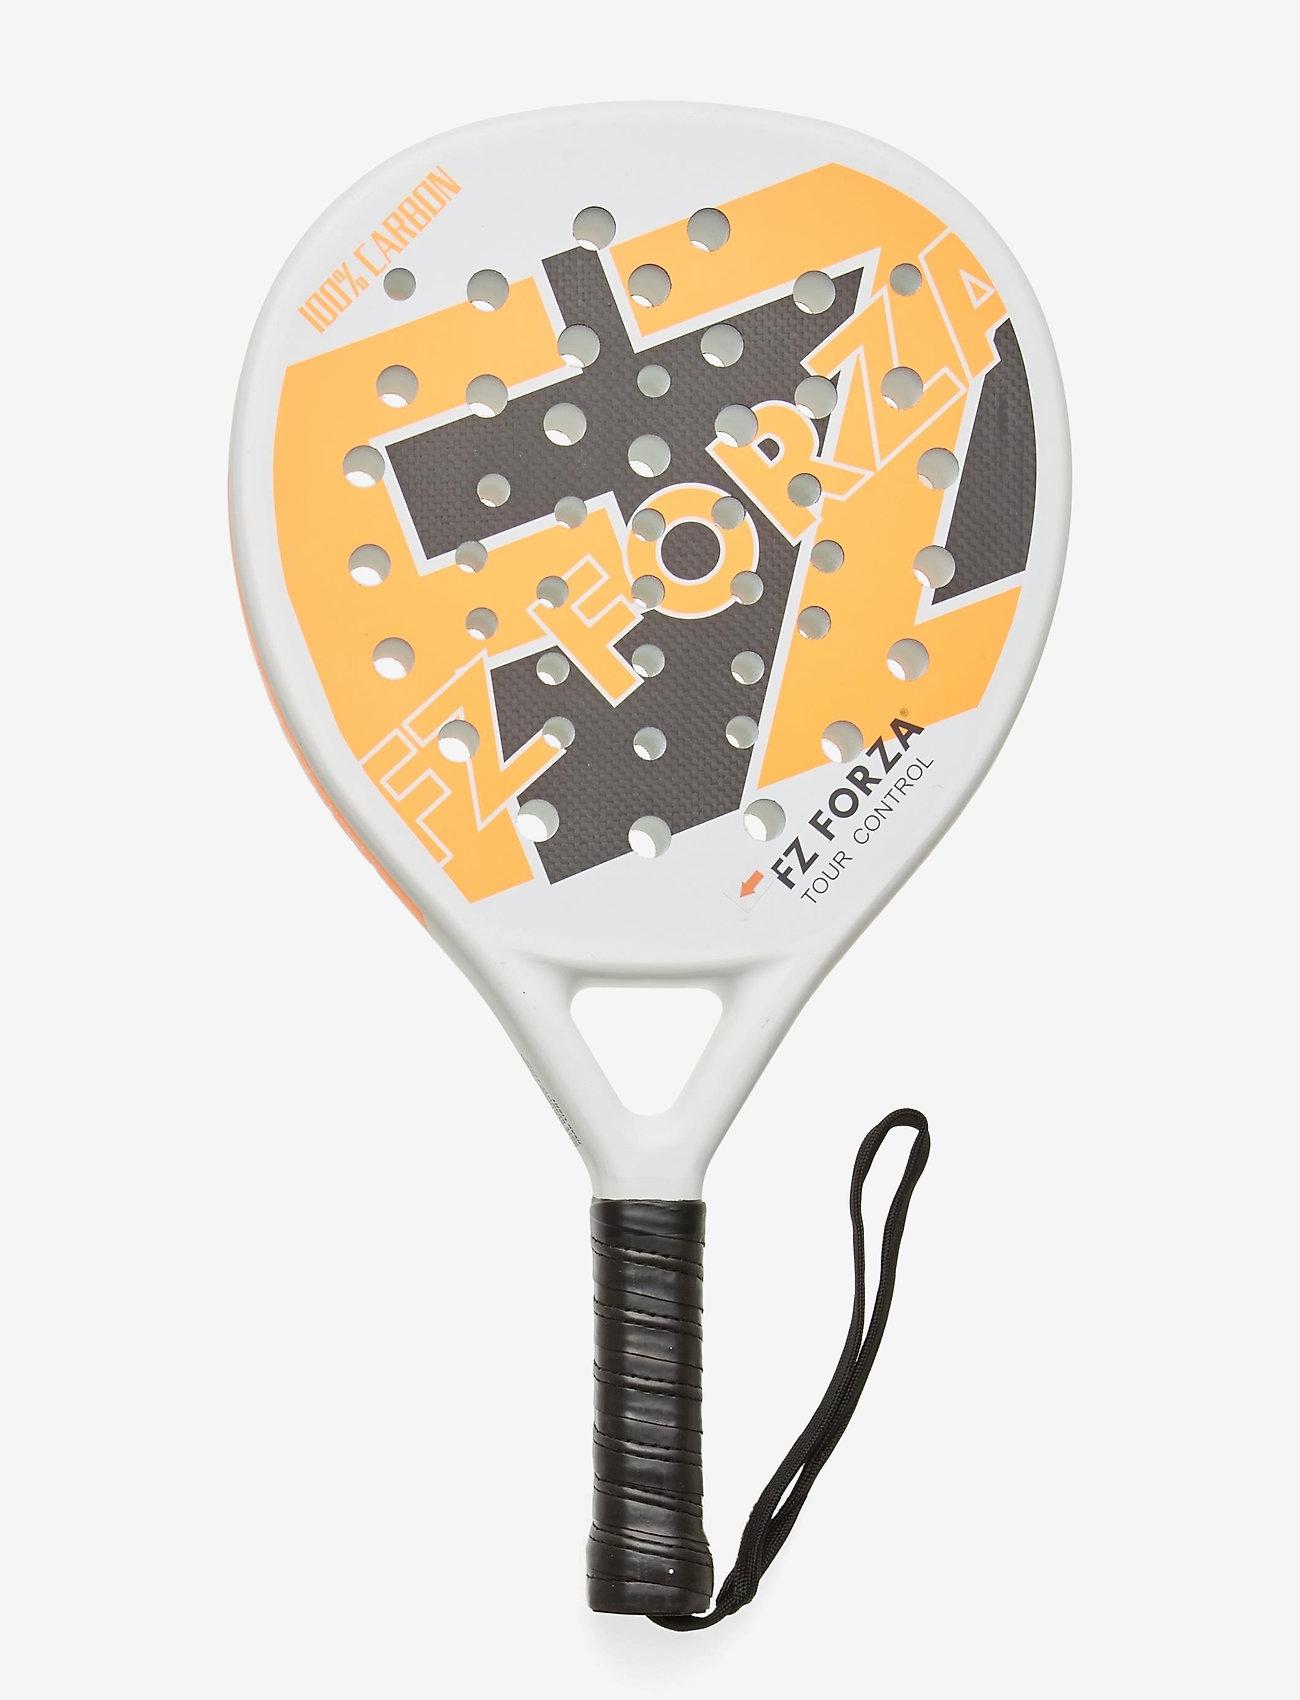 FZ Forza - FZ FORZA PADEL TOUR CONTROL - padelketcher - 5002 shocking orange - 0